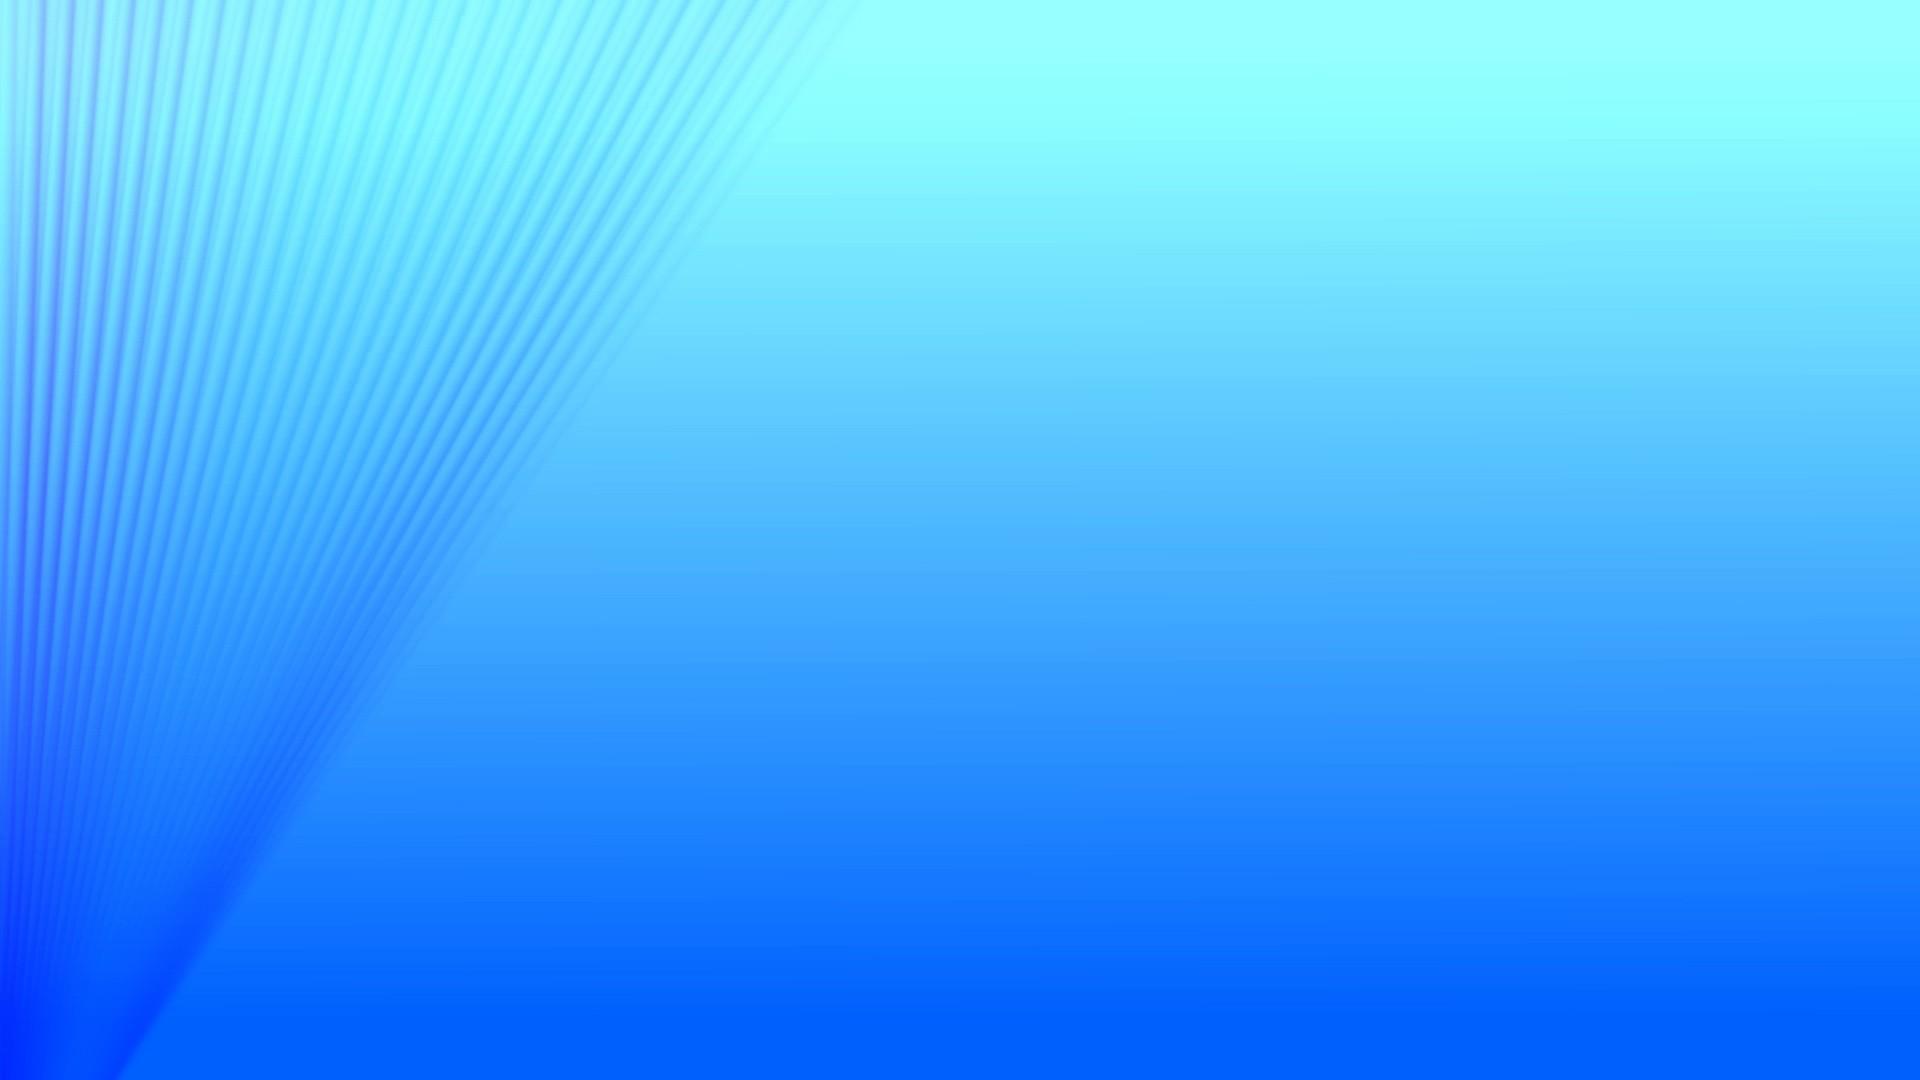 Plain Blue Wallpaper theme